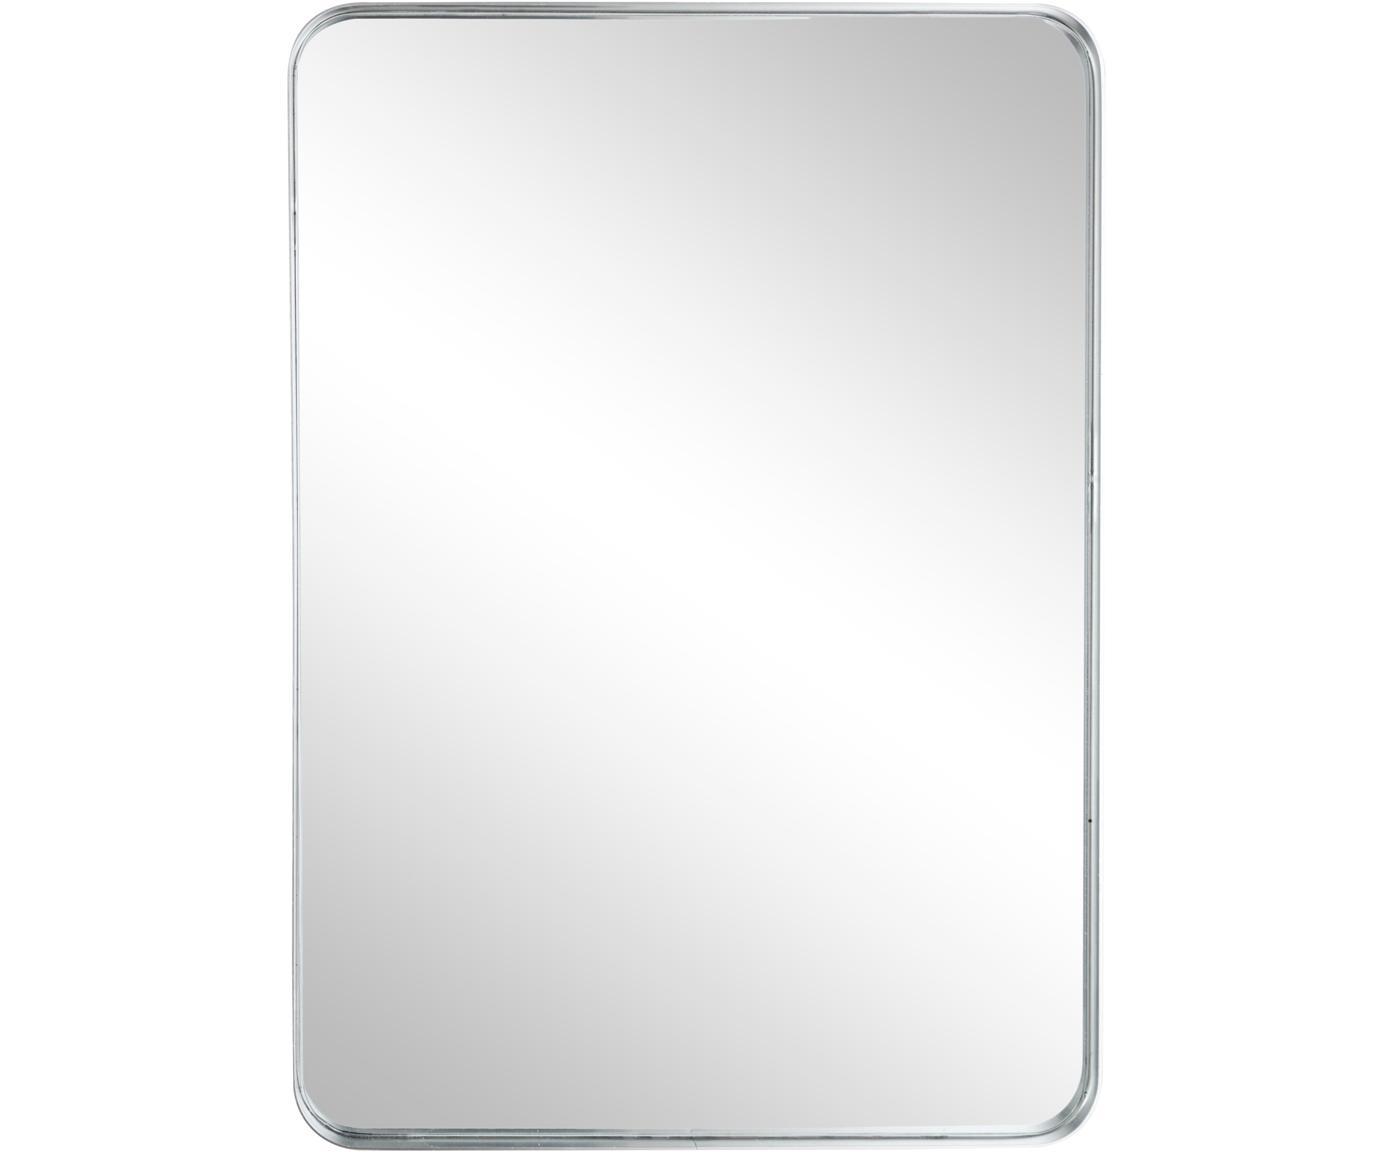 Specchio da parete Sile, Cornice: metallo, Superficie dello specchio: lastra di vetro, Argentato, Larg. 40 x Alt. 56 cm